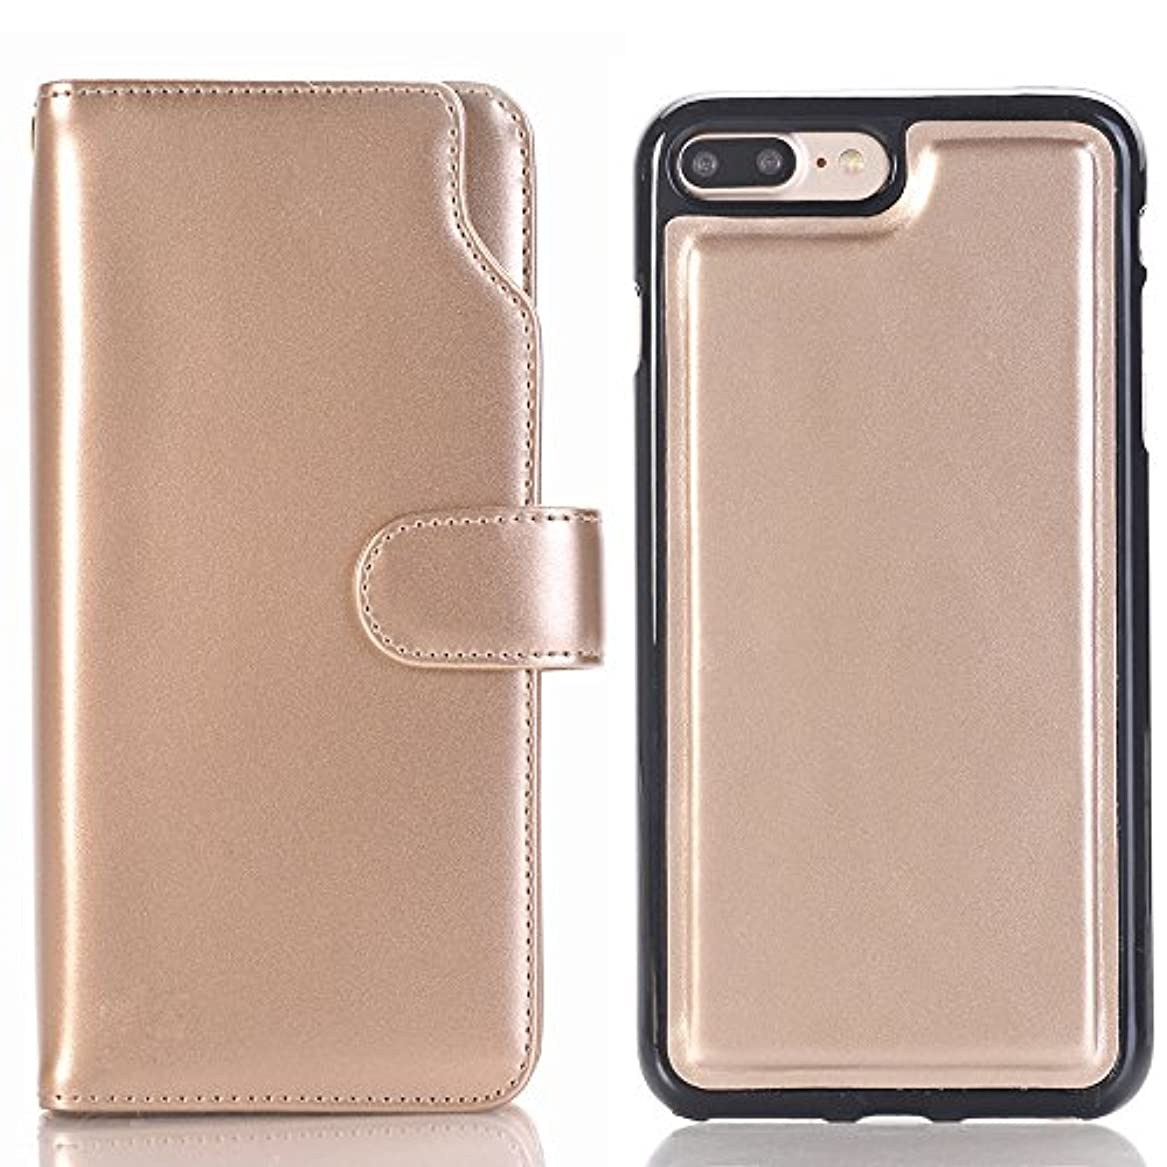 謙虚な即席農場iPhone 6 Plus ケース 分離可能、SIMPLE DO 良質レザー おしゃれデザイン カード収納 傷つけ防止 業務用(ゴールド)